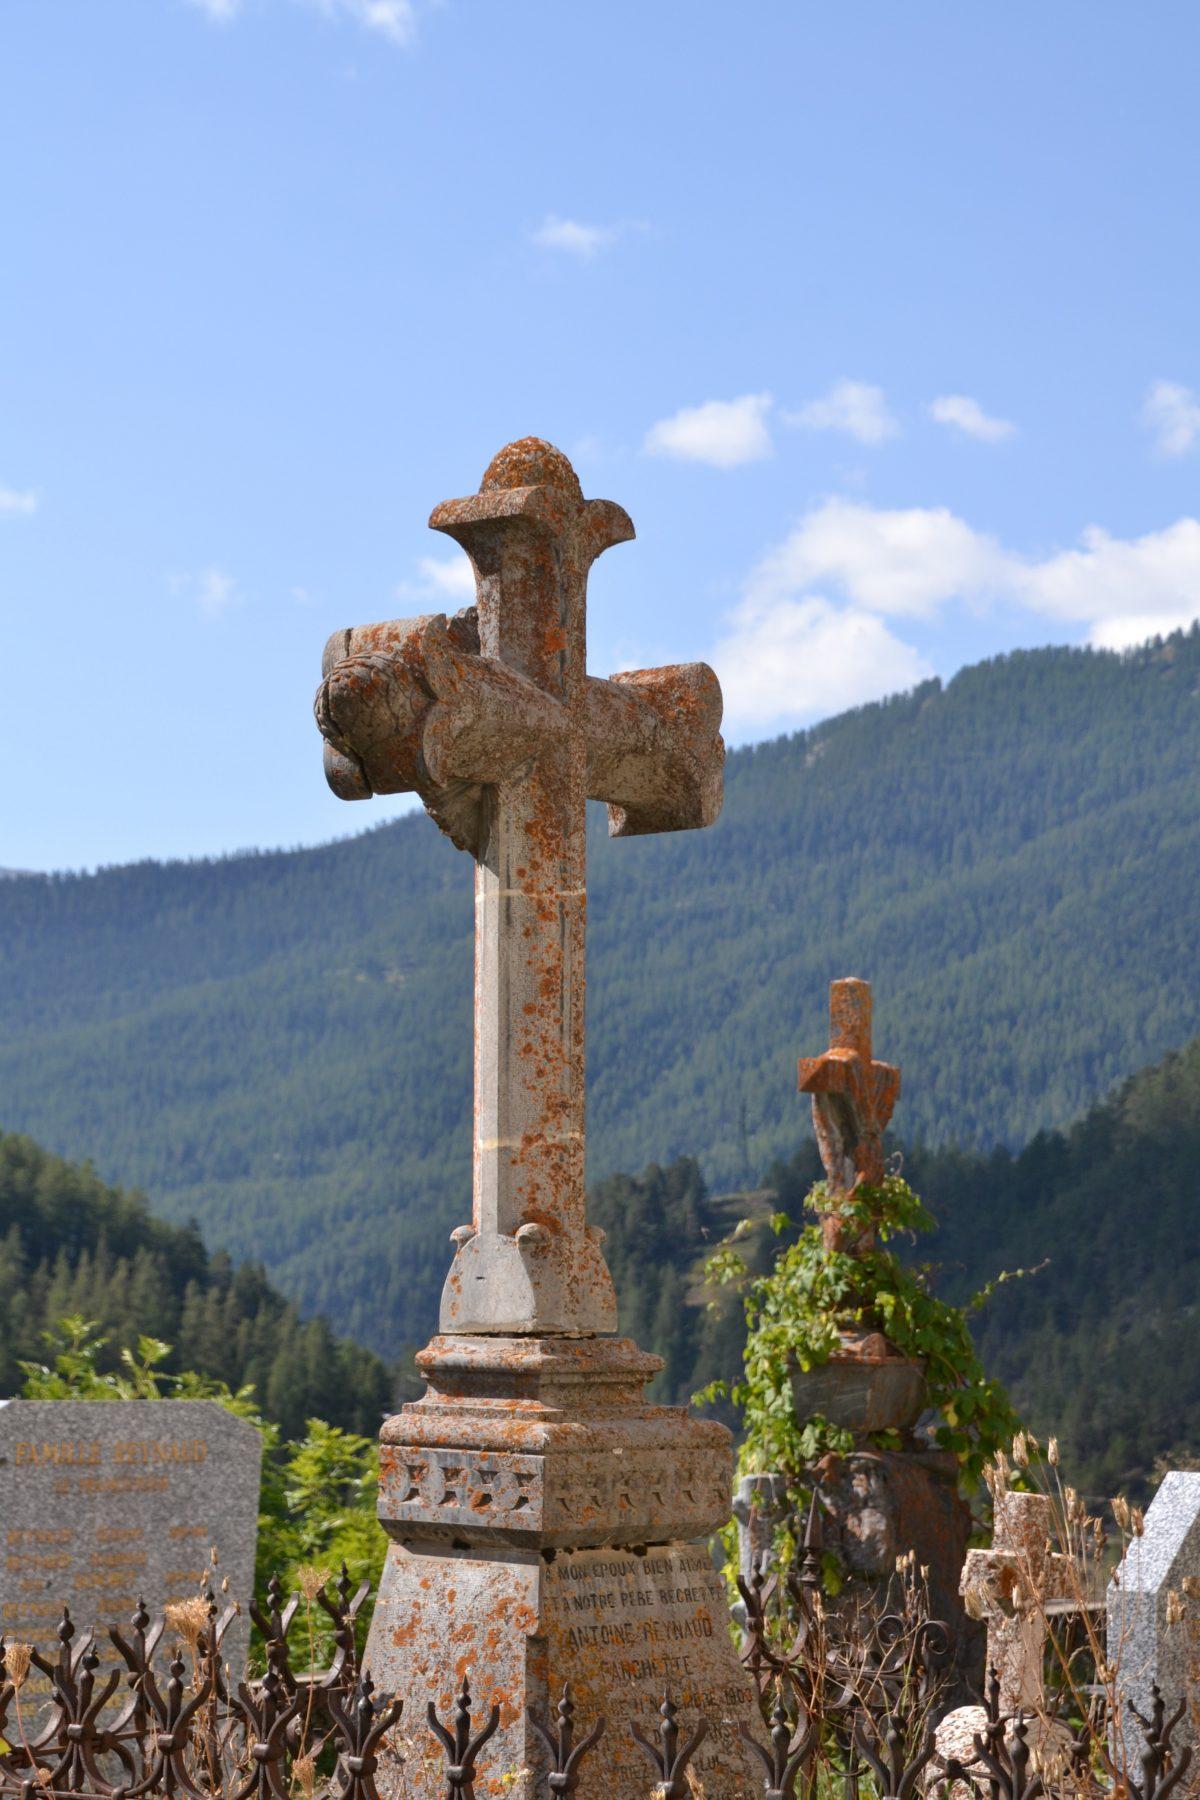 En novembre, rendez-vous au cimetière de votre village, le père Barthélémy bénit les tombes de ceux qui le souhaitent.